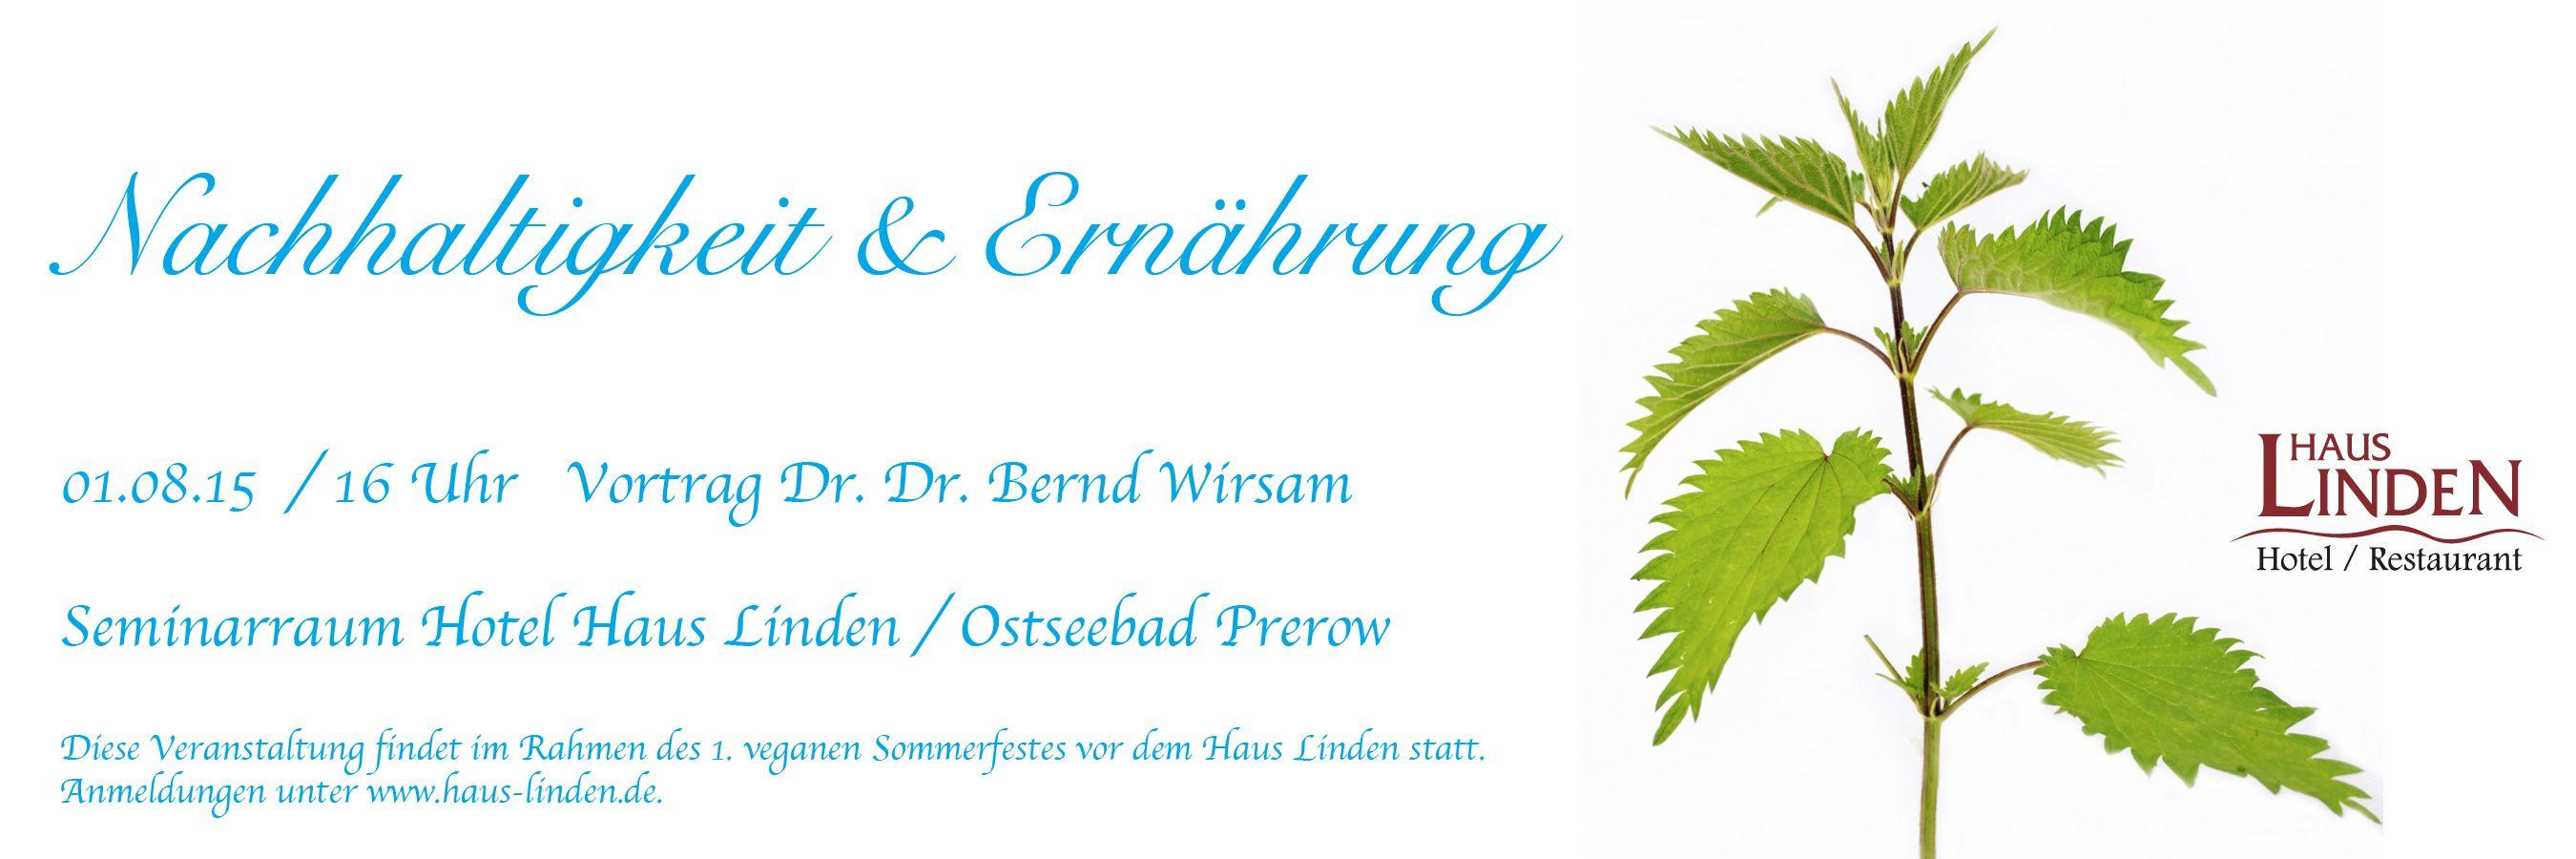 Vortrag Von Dr Dr Bernd Wirsam Beim 1 Veganen Sommerfest In Prerow Prerow Sommerfest Seminarraum